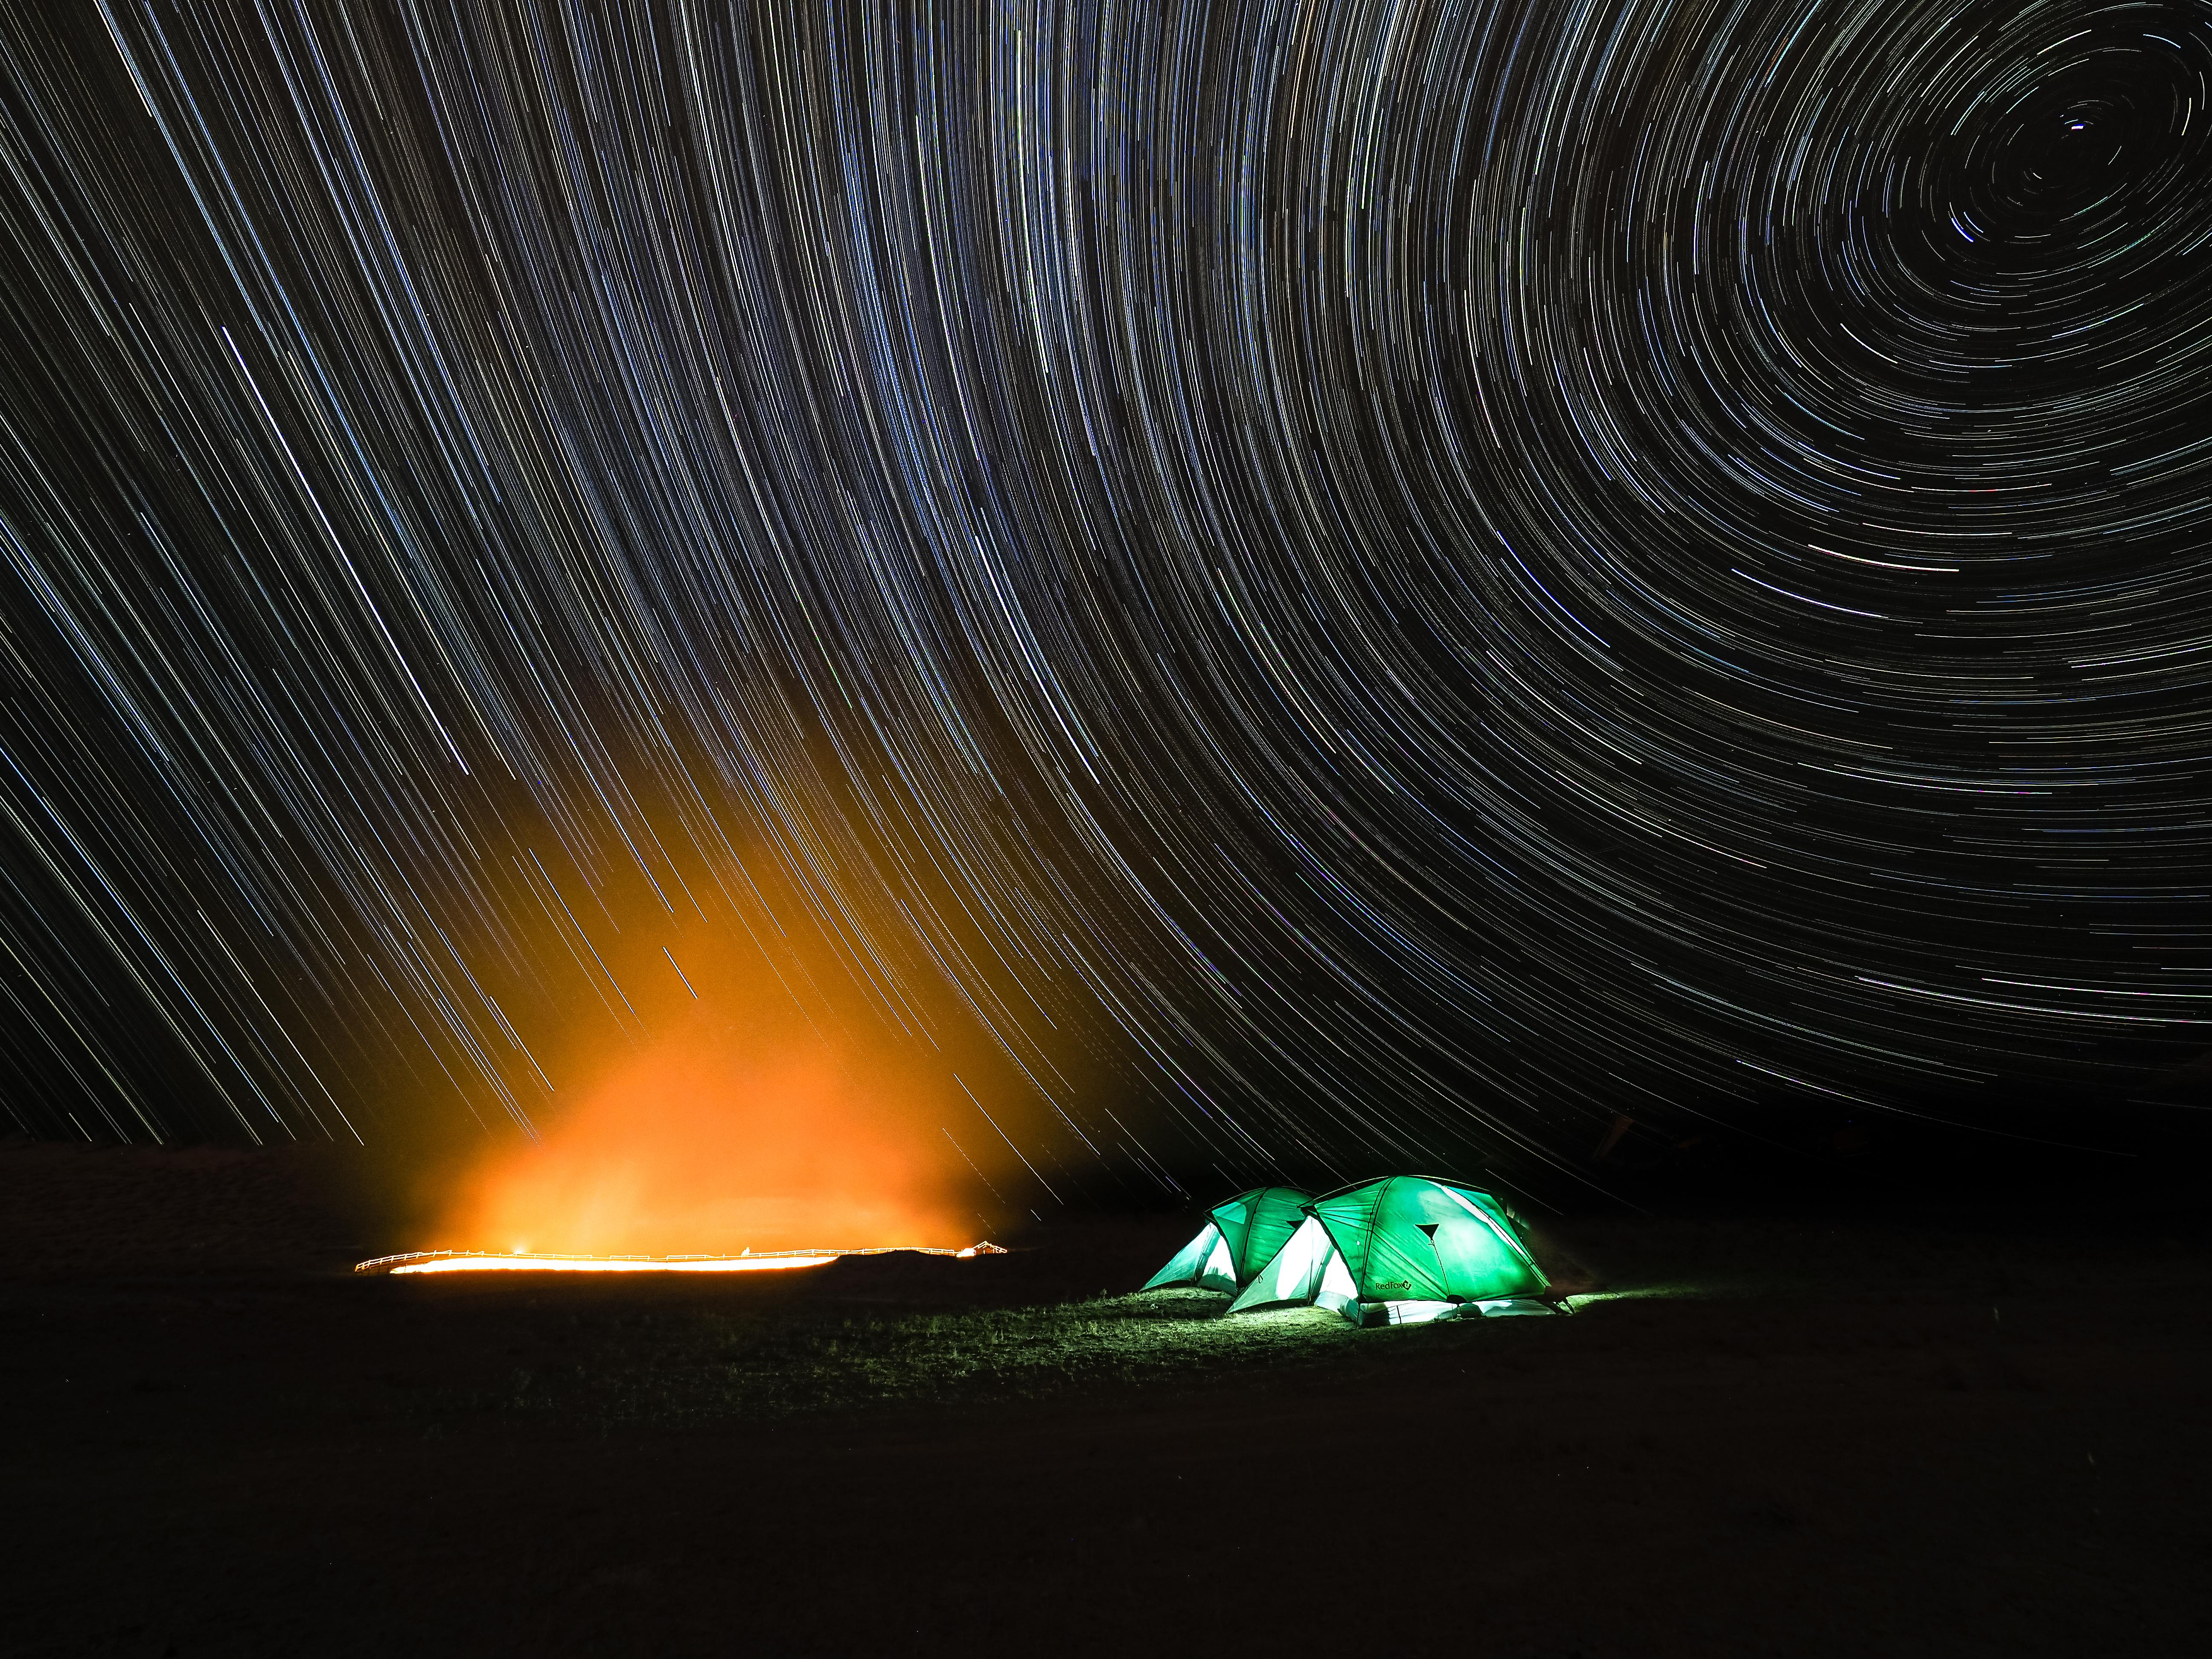 Naturfotograf Adrian Rohnfelder